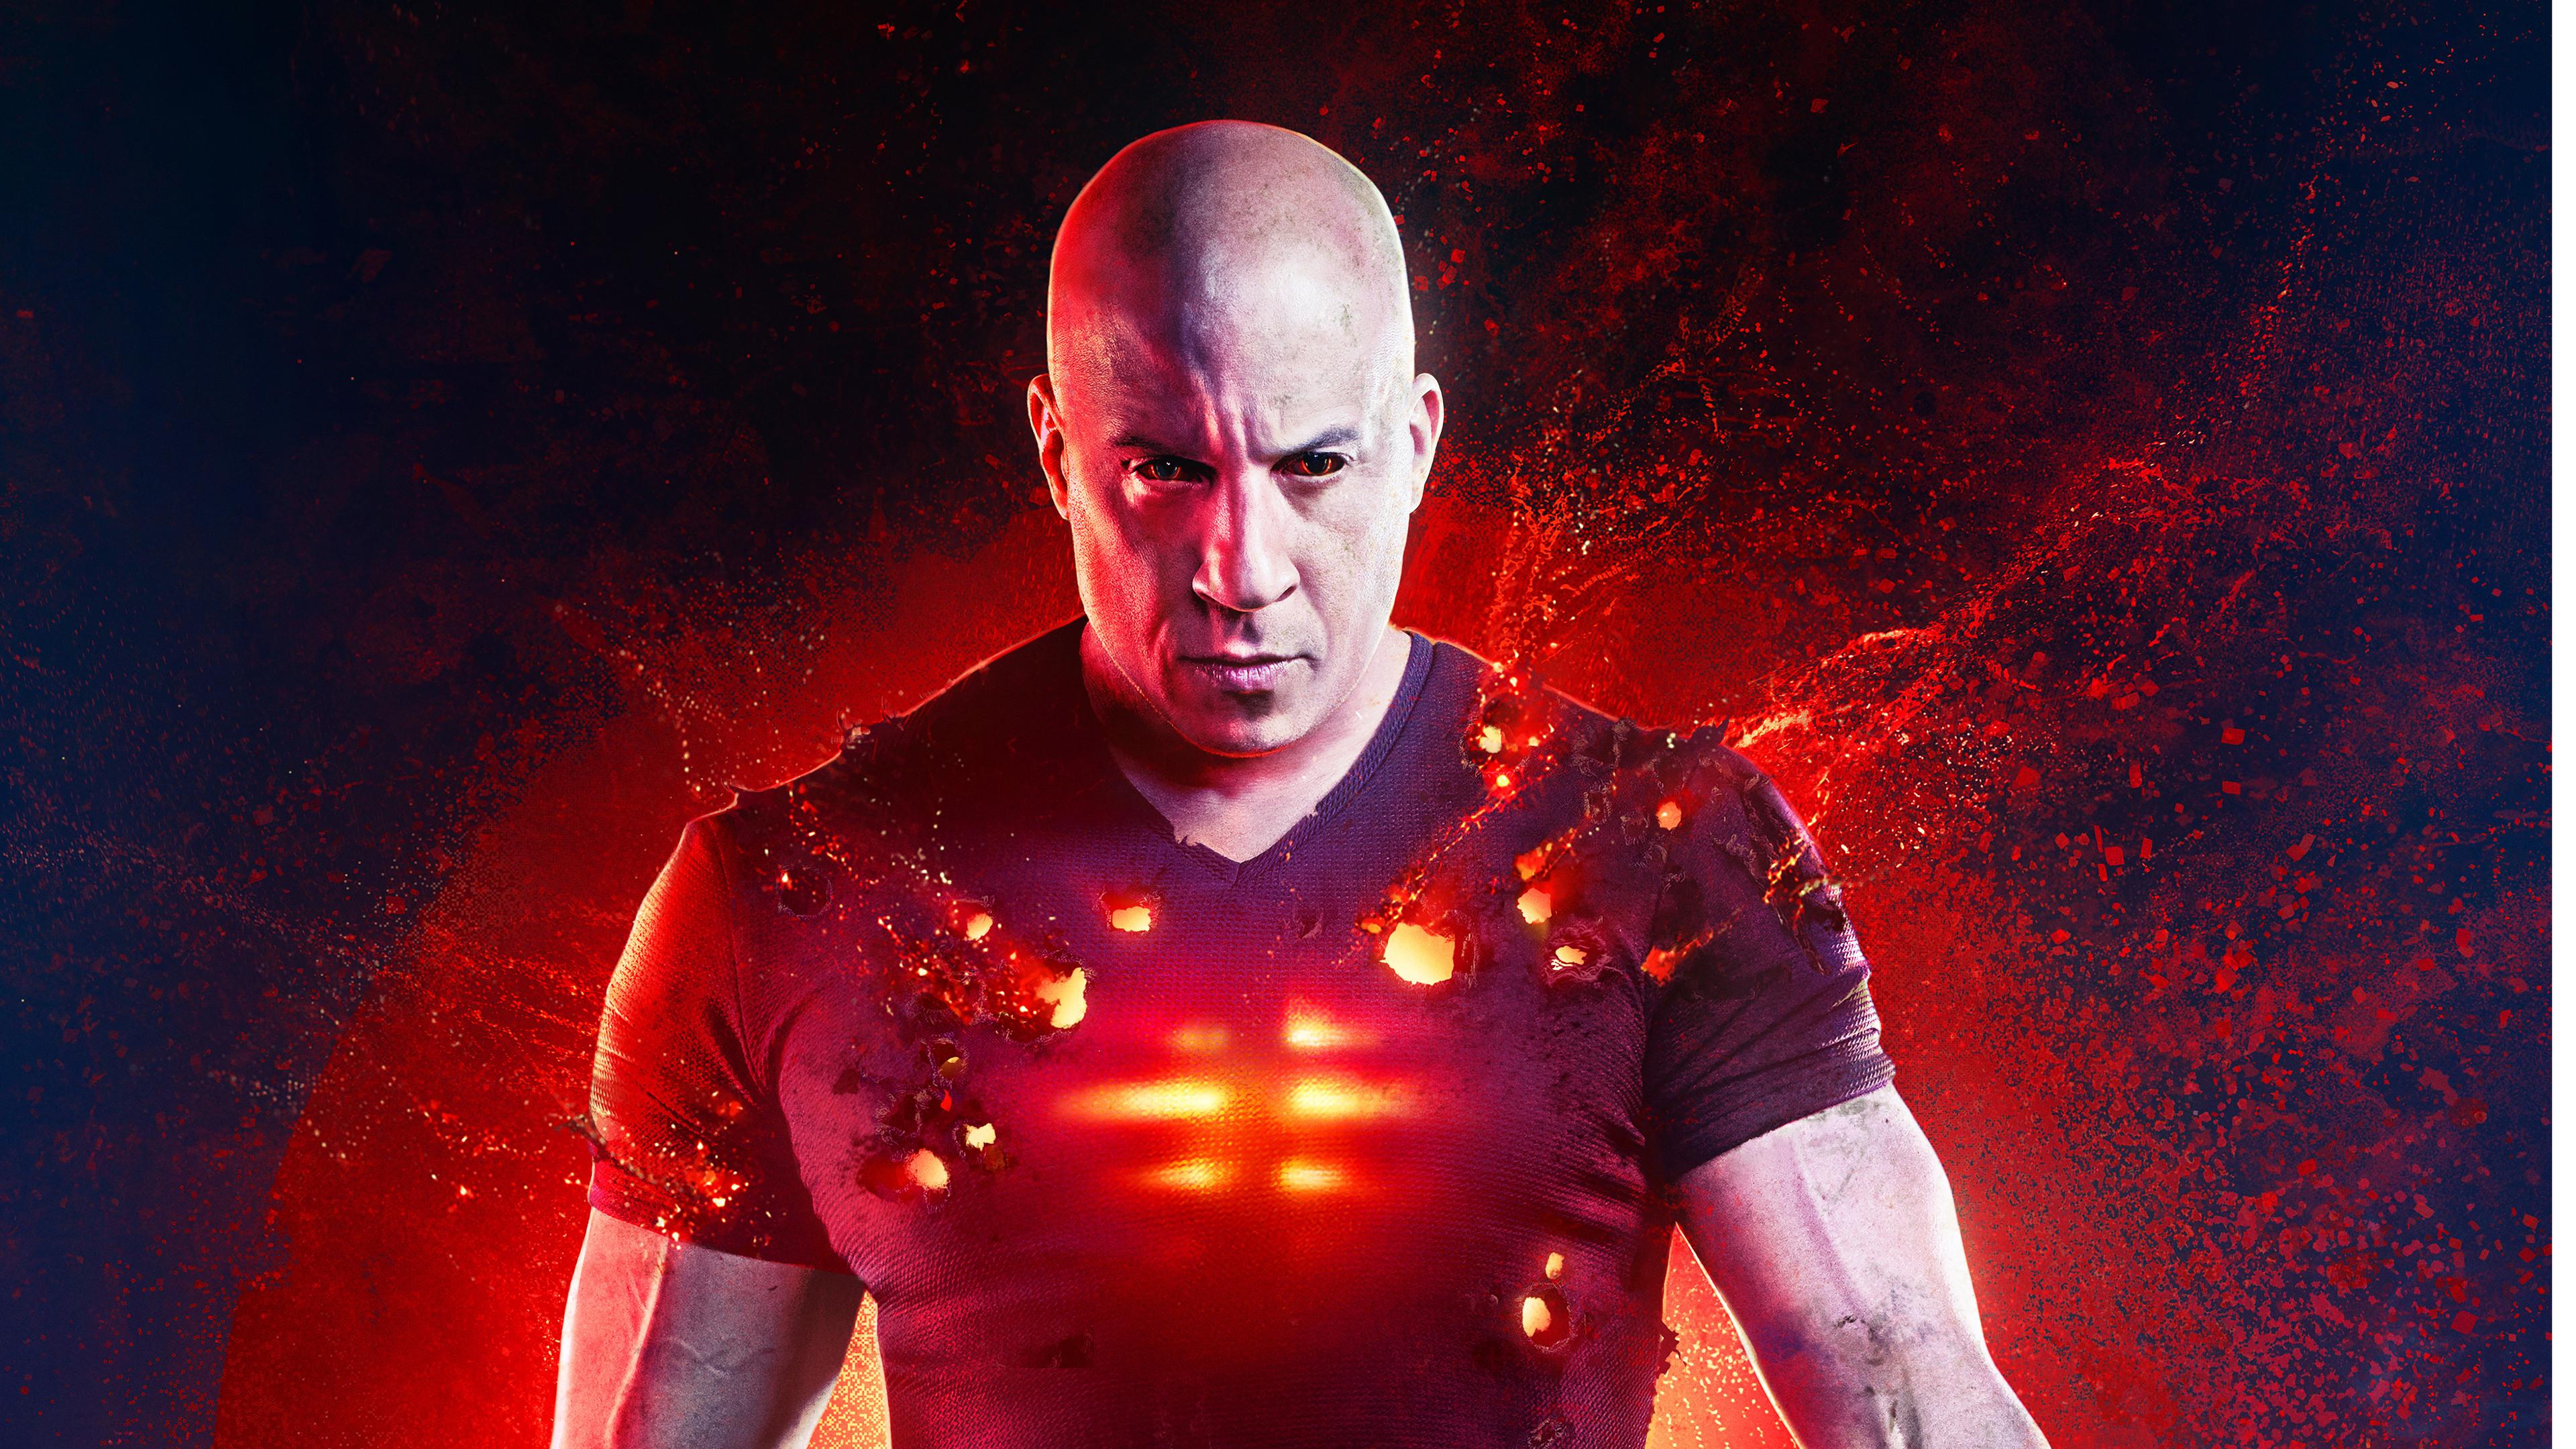 bloodshot-2020-poster-8k-jh.jpg